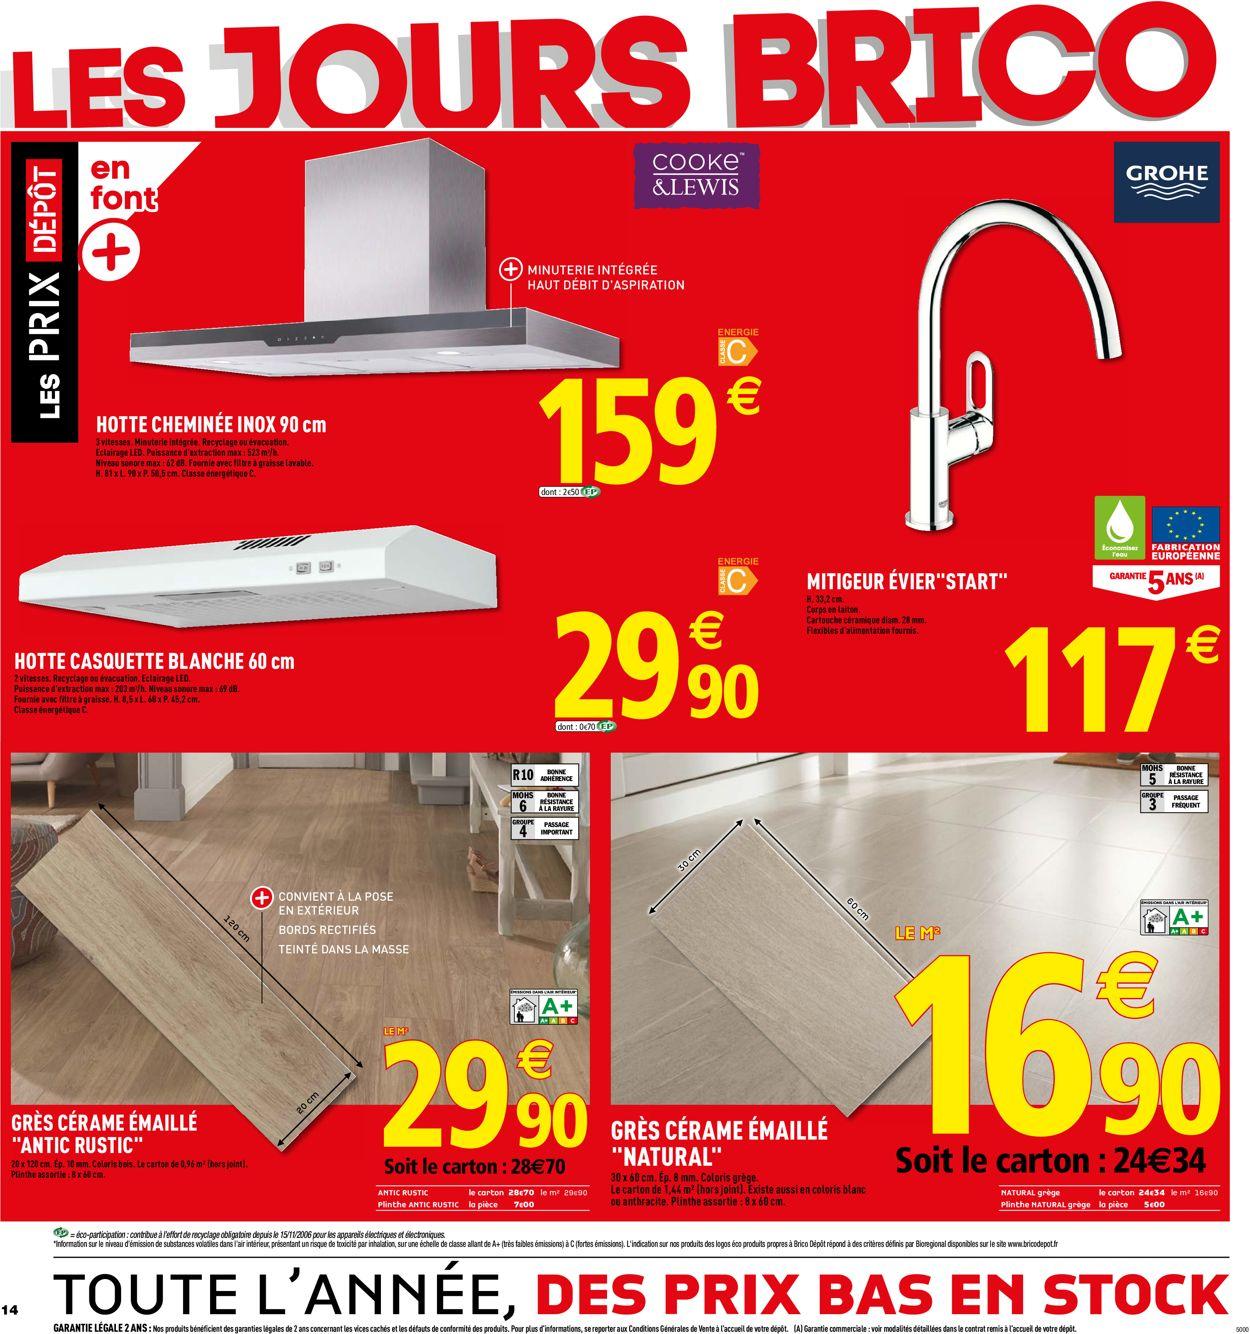 Brico Dépôt Catalogue - 29.05-13.06.2019 (Page 14)